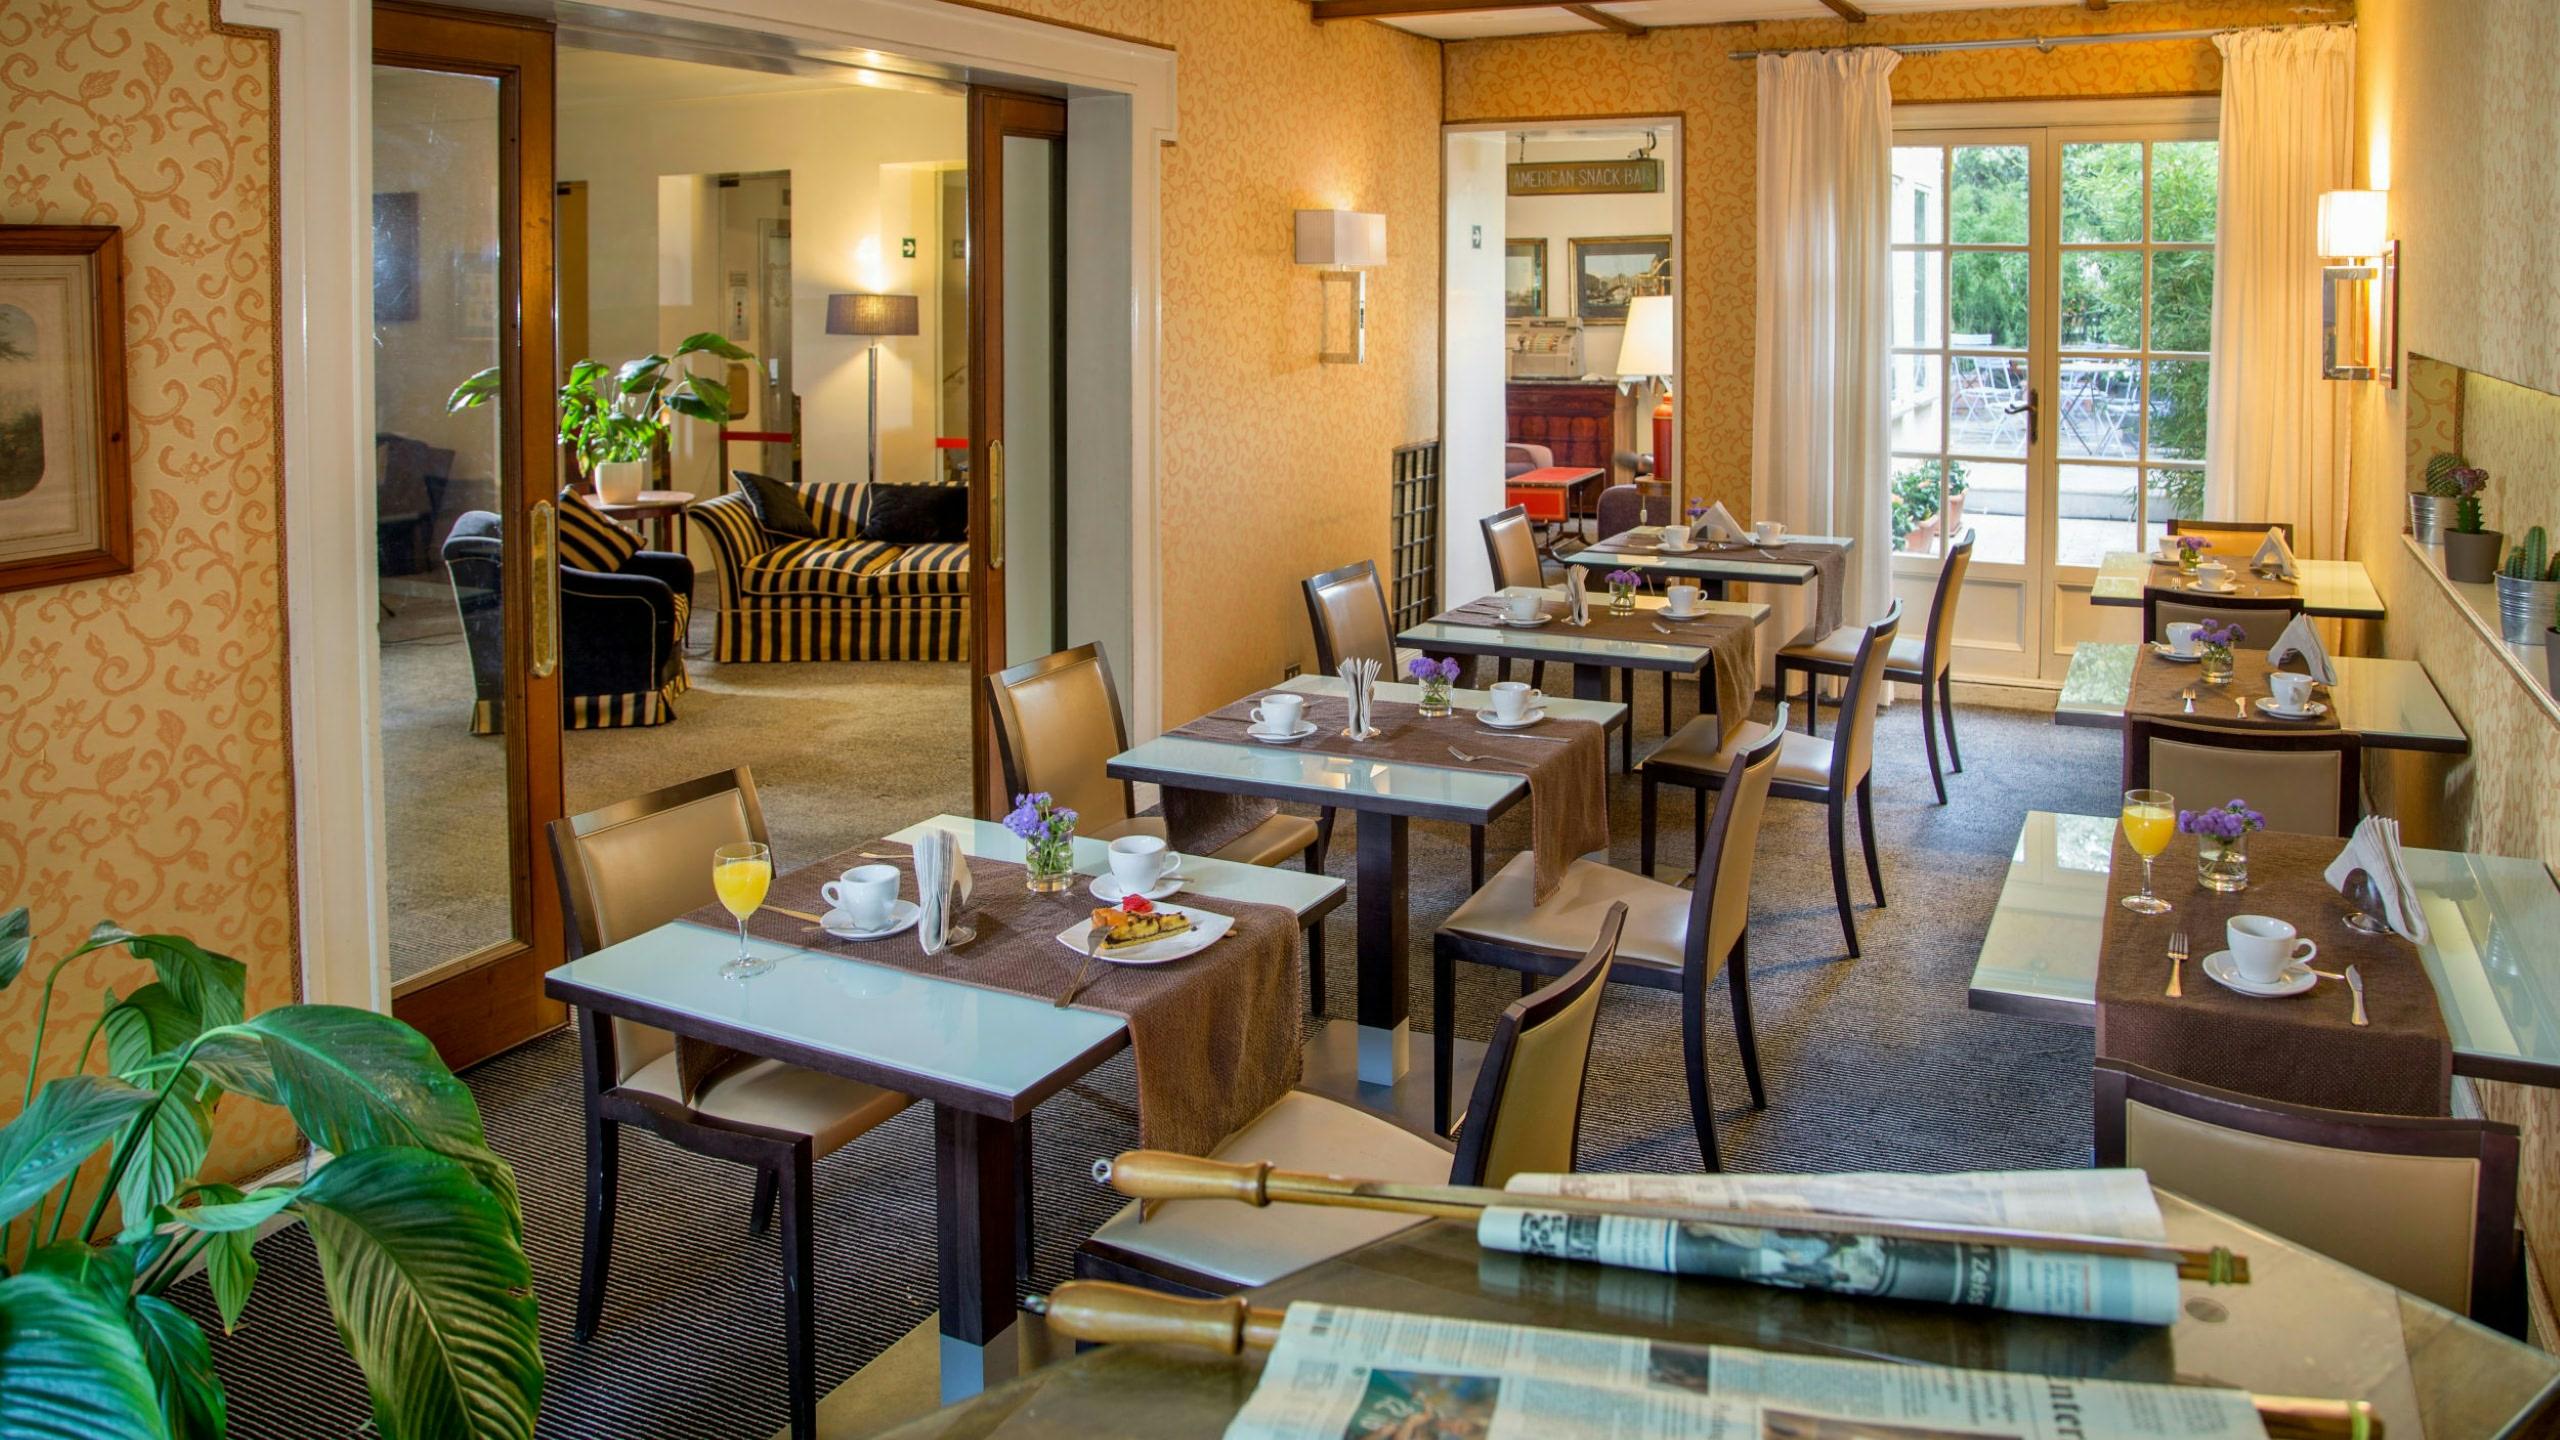 hotel-panama-roma-hotel06